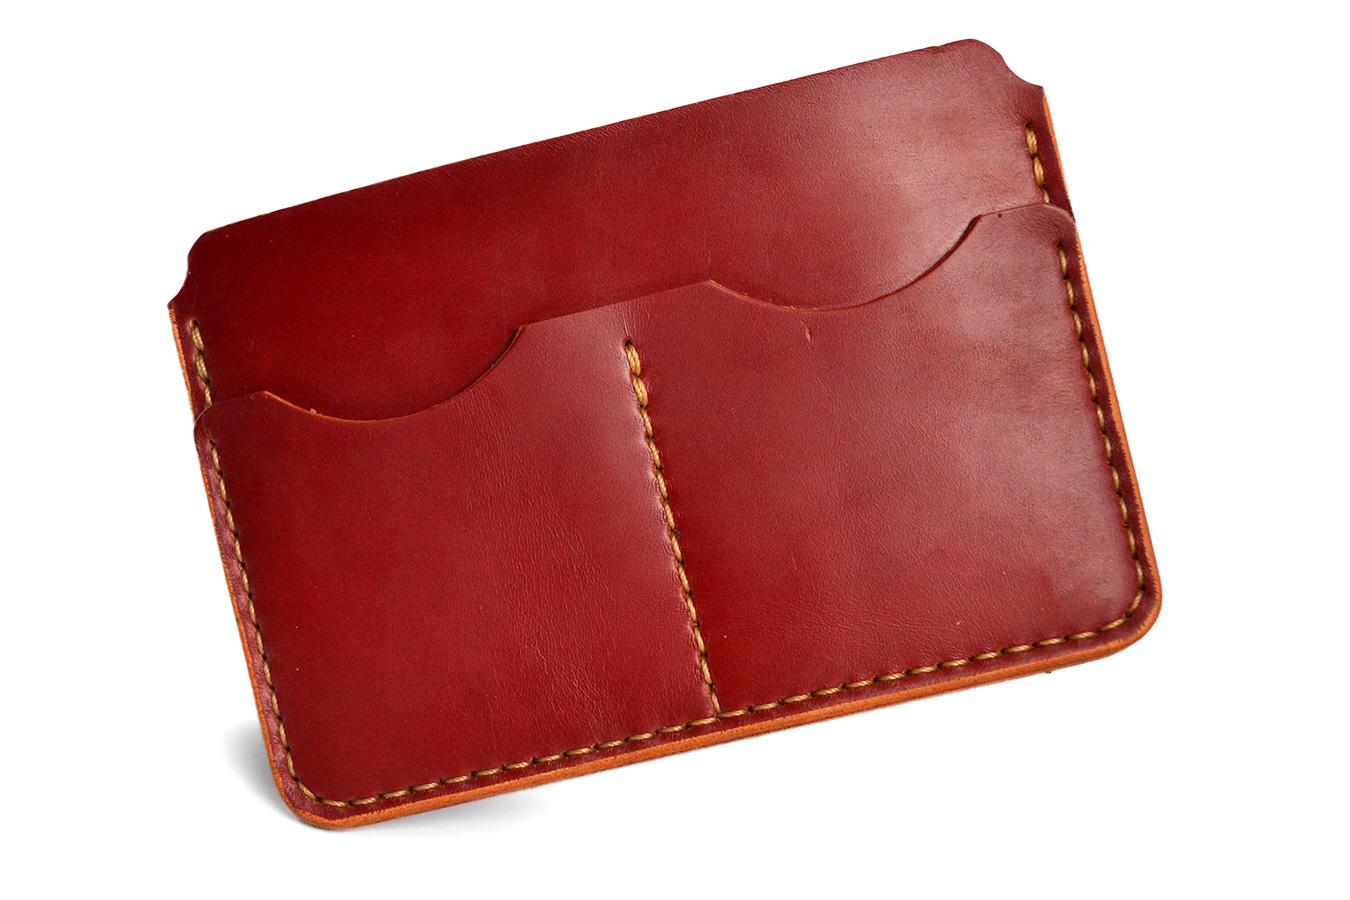 Чехол для паспорта Uno из бордовой кожи [USPСUR427]